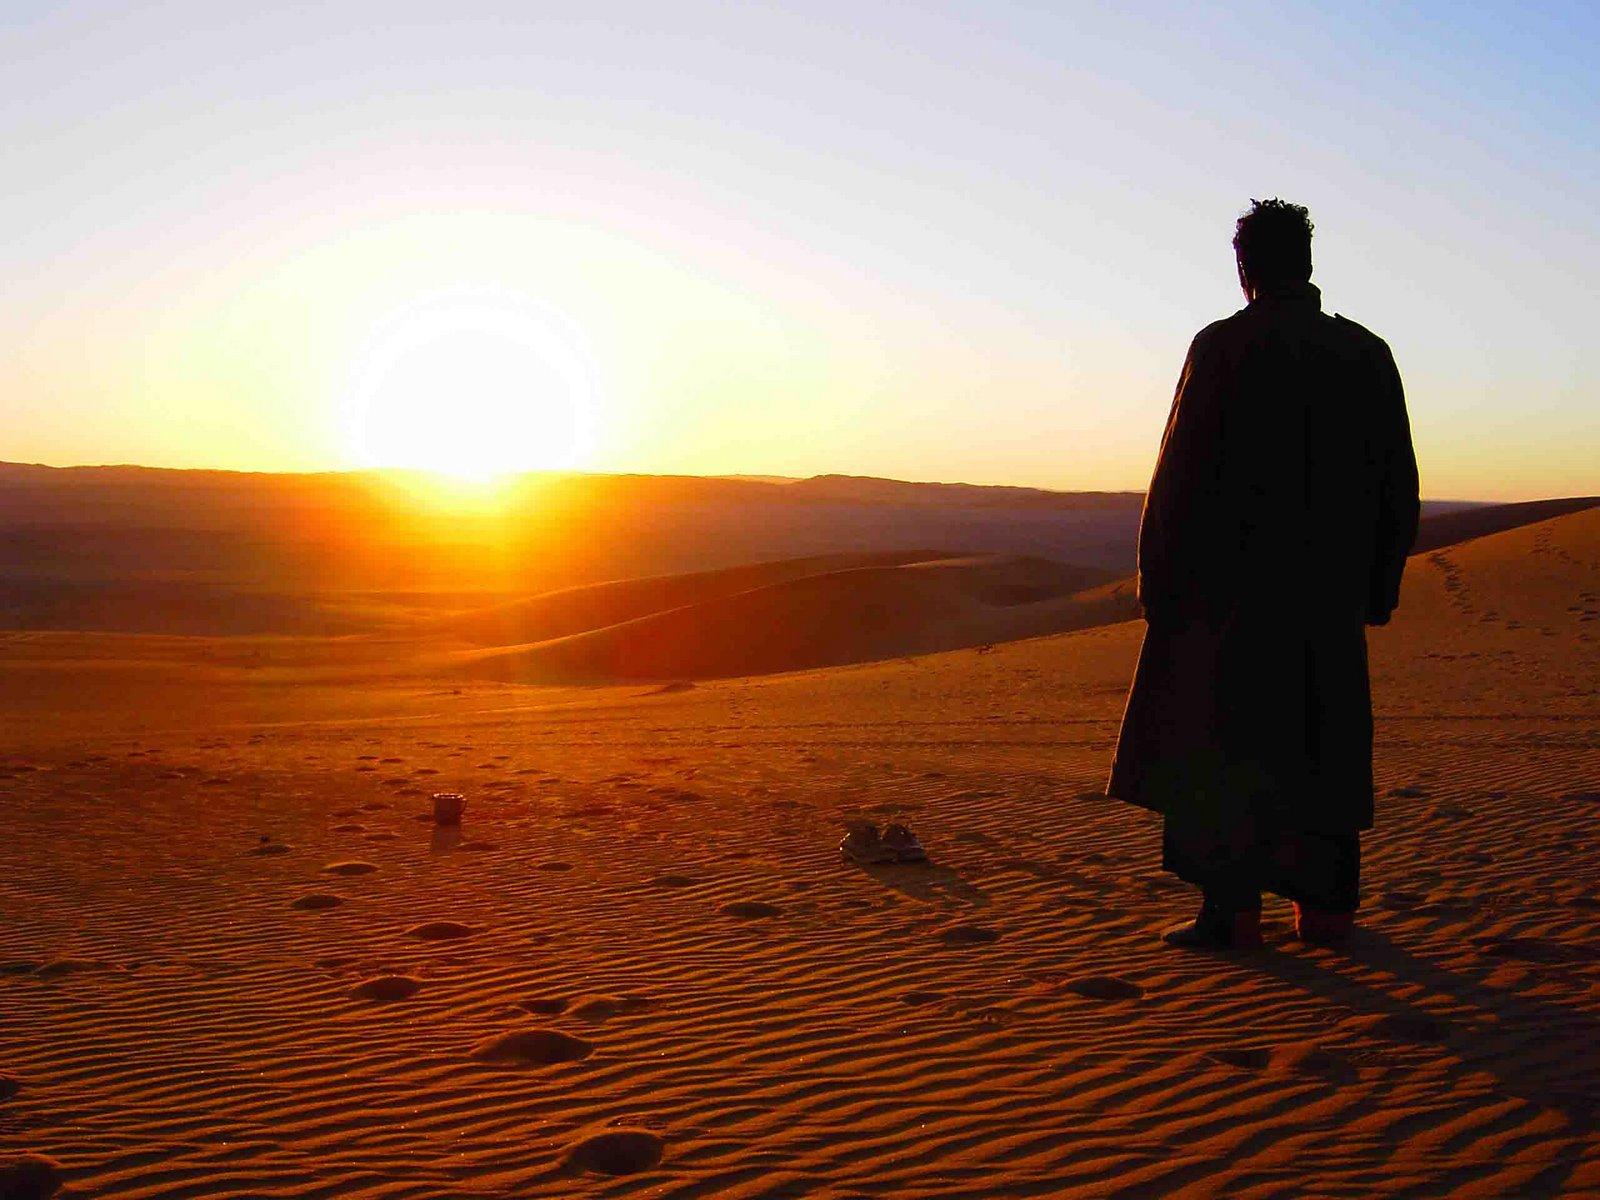 Libye+Kalifa+priere+du+matin+Libye